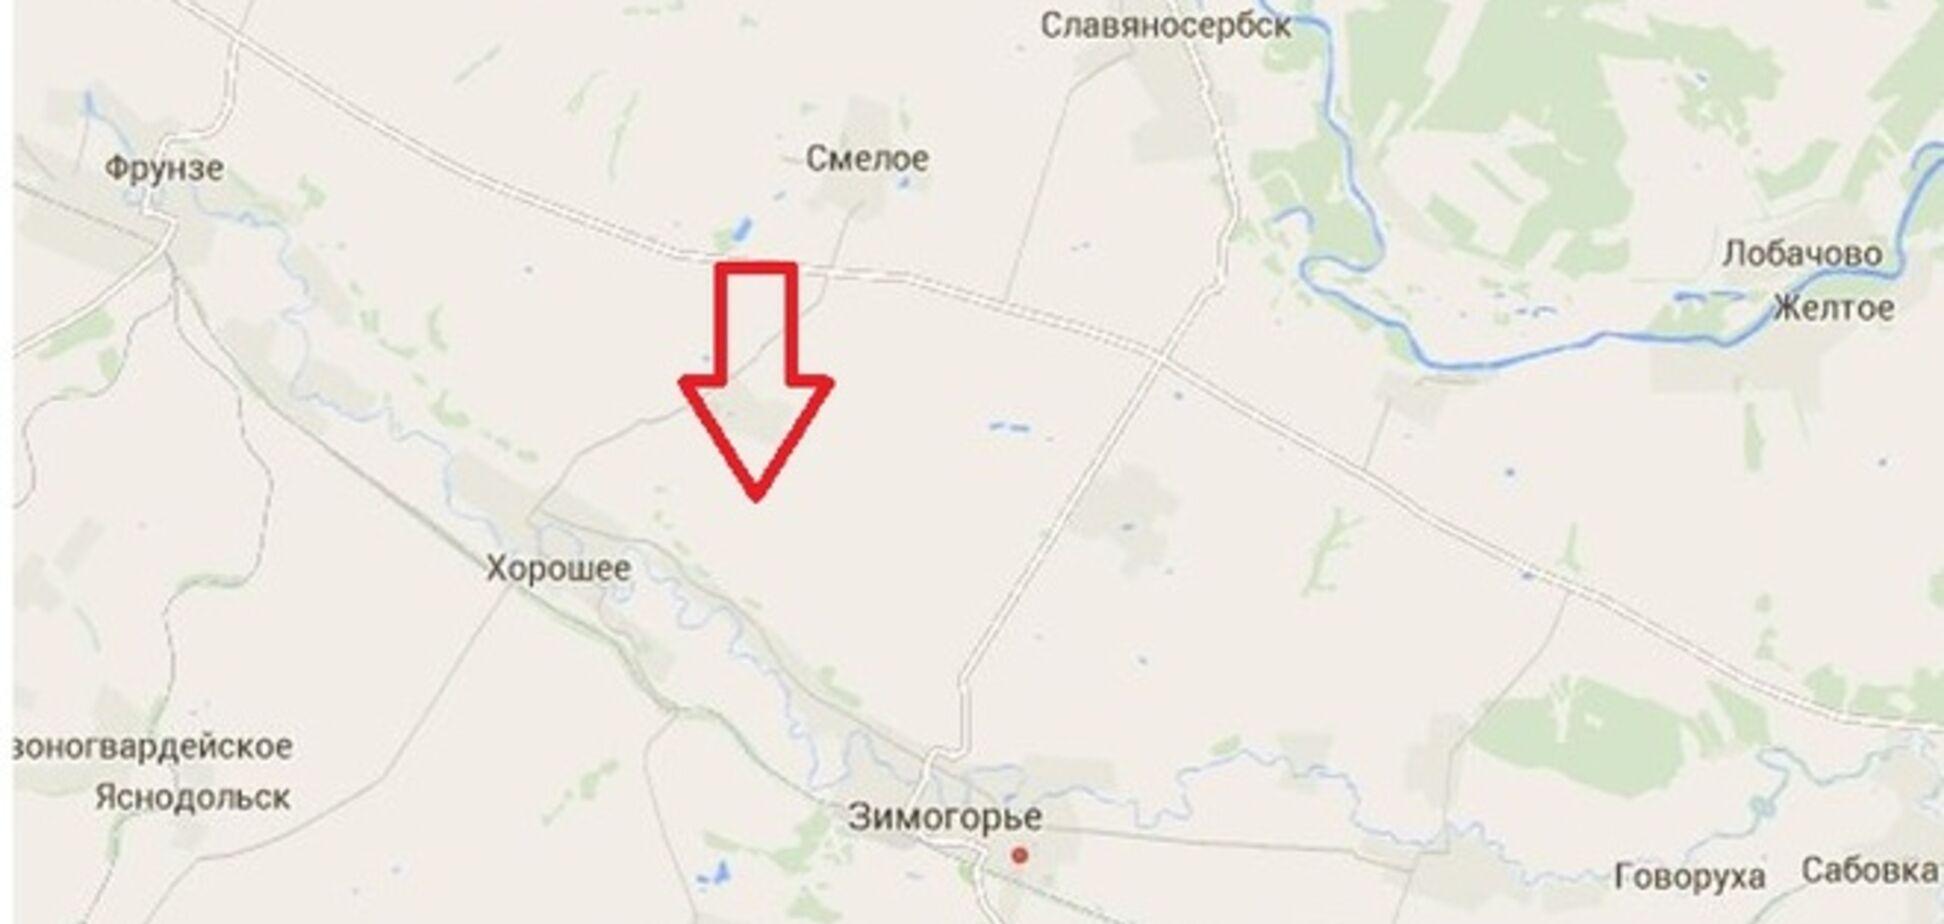 Бойцы 32-го блокпоста на Луганщине двое суток без воды, все дороги заминированы